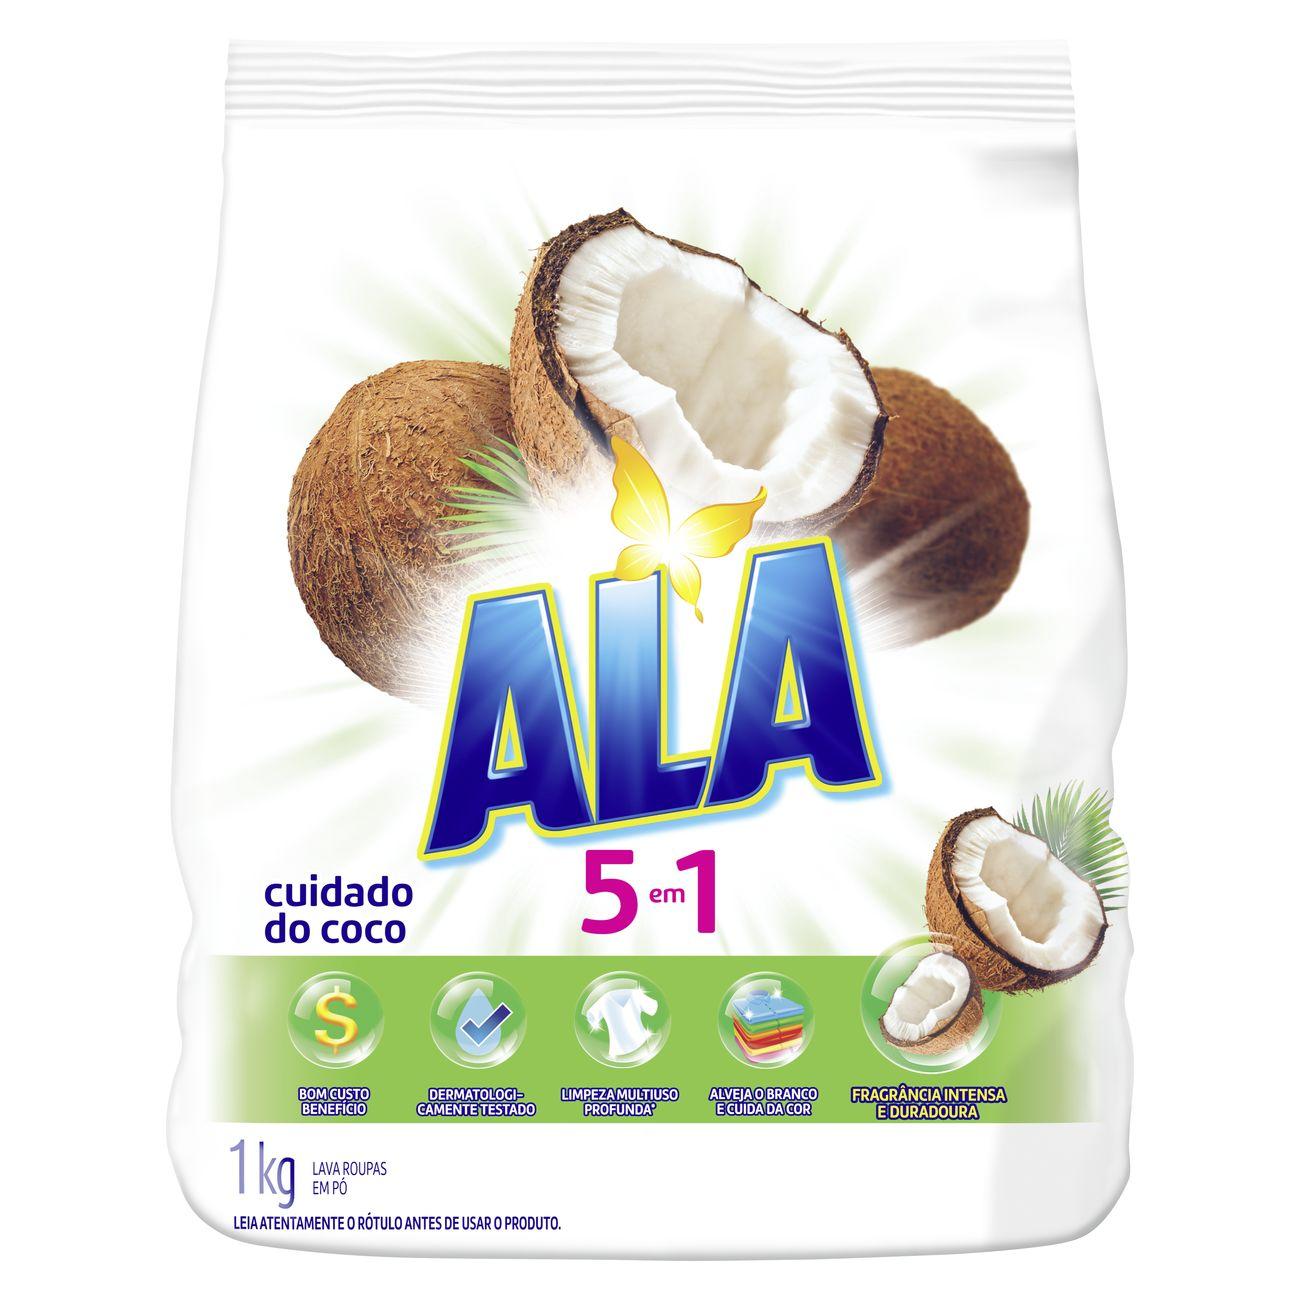 Lava-Roupa em Pó ALA 5 em 1 Cuidado do Coco 1KG